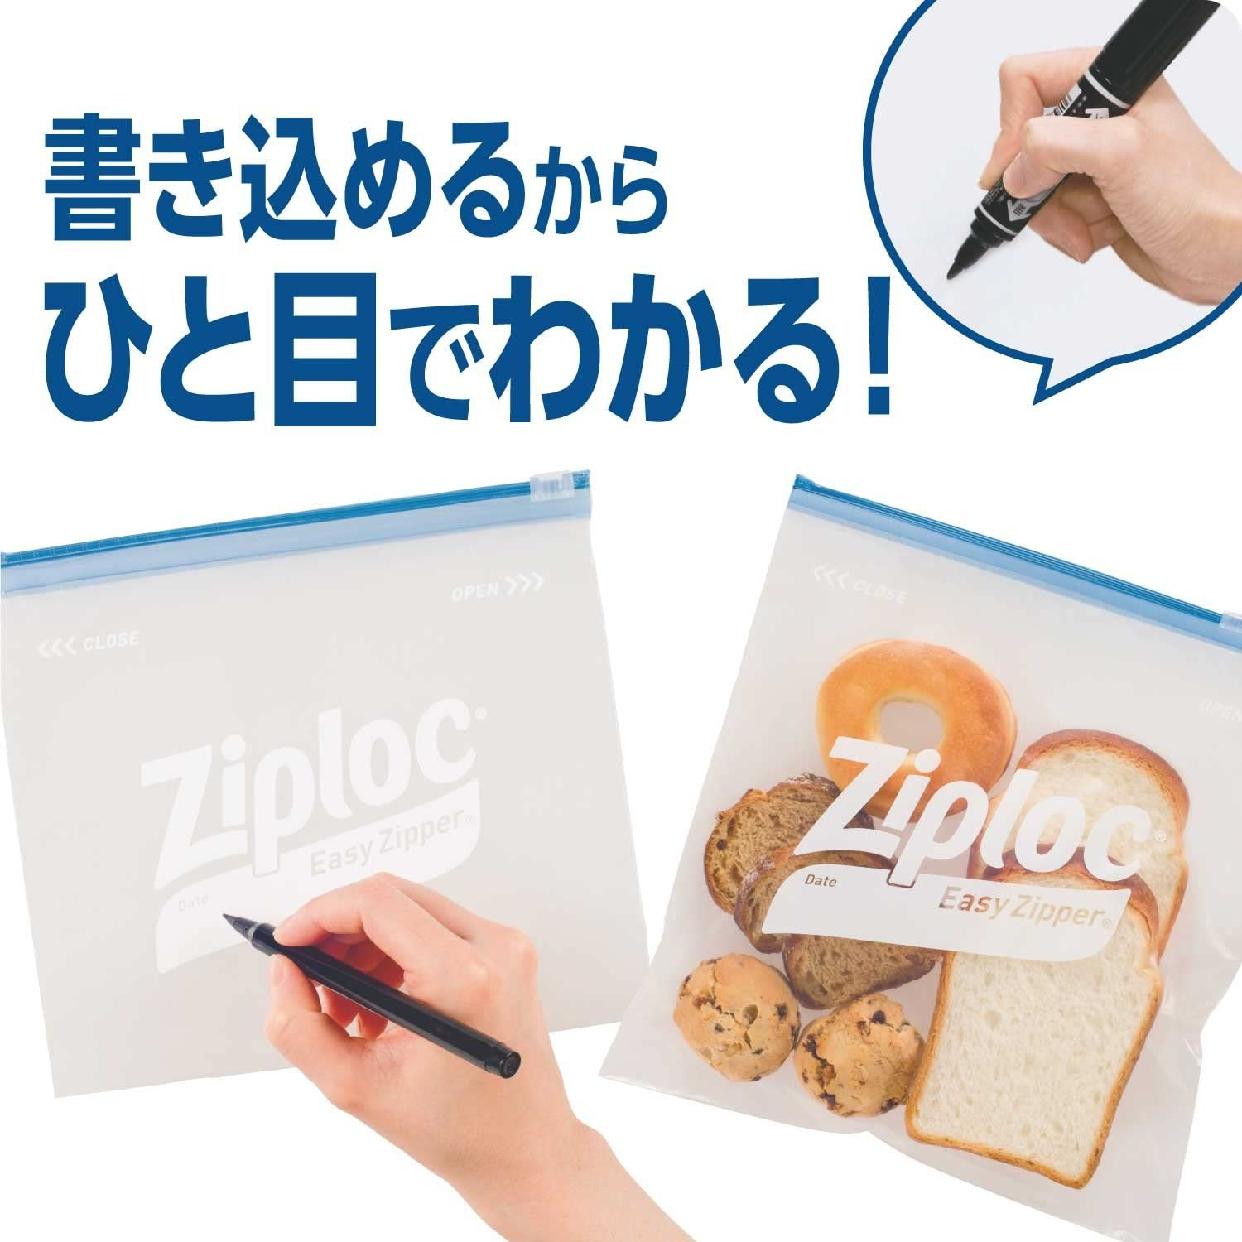 Ziploc(ジップロック) イージージッパーの商品画像5